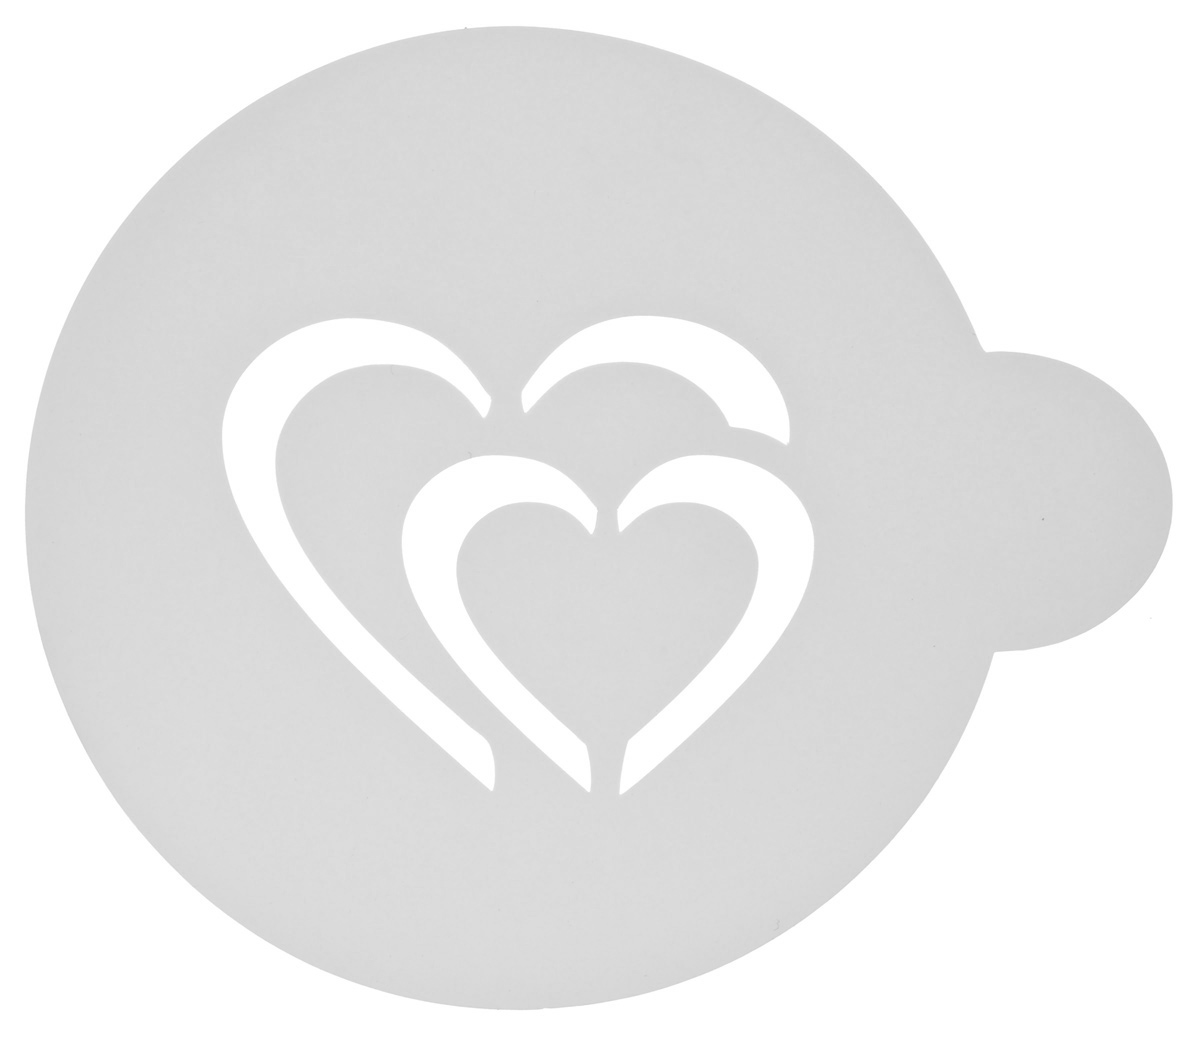 Трафарет на кофе и десерты Леденцовая фабрика Сердце двойное, цвет: белый, диаметр 10 см54 009312Трафарет Леденцовая фабрика Сердце двойноепредставляет собой пластину с прорезями, черезкоторые пищевая краска (сахарная пудра, какао,шоколад, сливки, корица, дробленый орех)наносится на поверхность кофе, молочныхкоктейлей, десертов. Изделие изготовлено изматового пищевого пластика 250 мкм и пригоднодля контакта с пищевыми продуктами. Трафаретмногоразовый. Побалуйте себя и ваших близких красивооформленным кофе. Диаметр трафарета: 10 см.